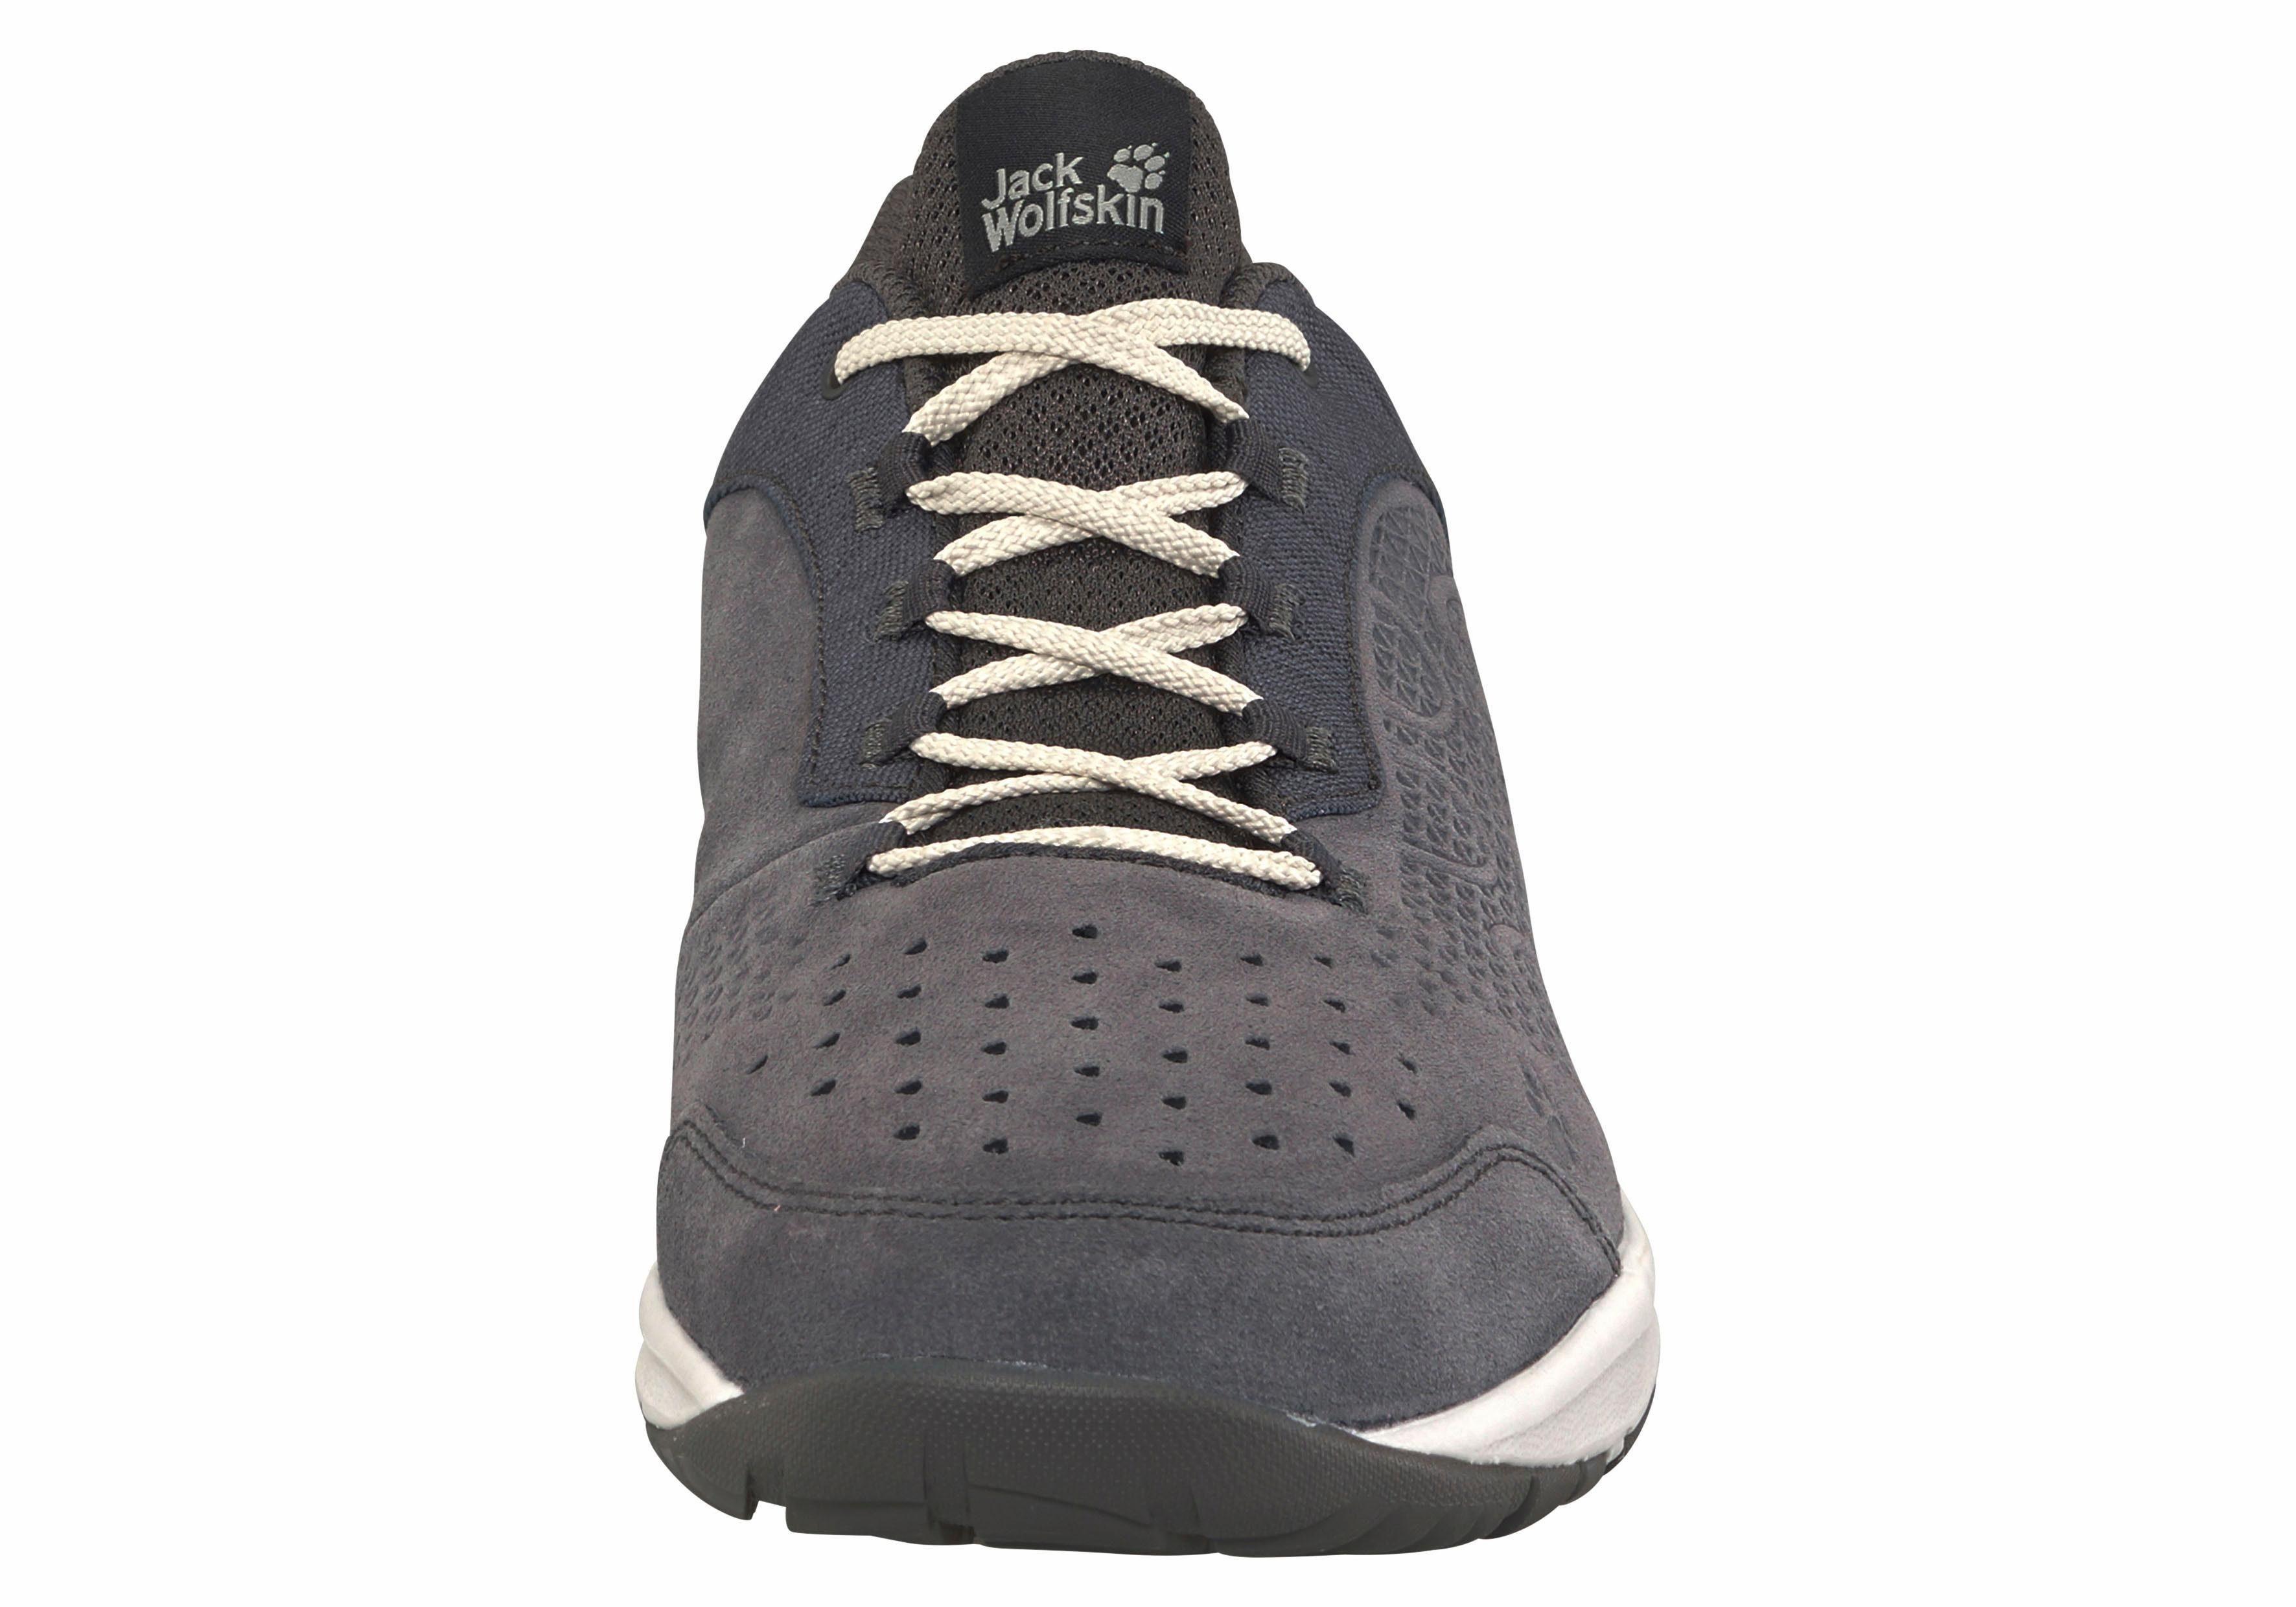 Jack Wolfskin Chaussures Sept Merveilles Pour Les Hommes - Gris Foncé vyYOhr9